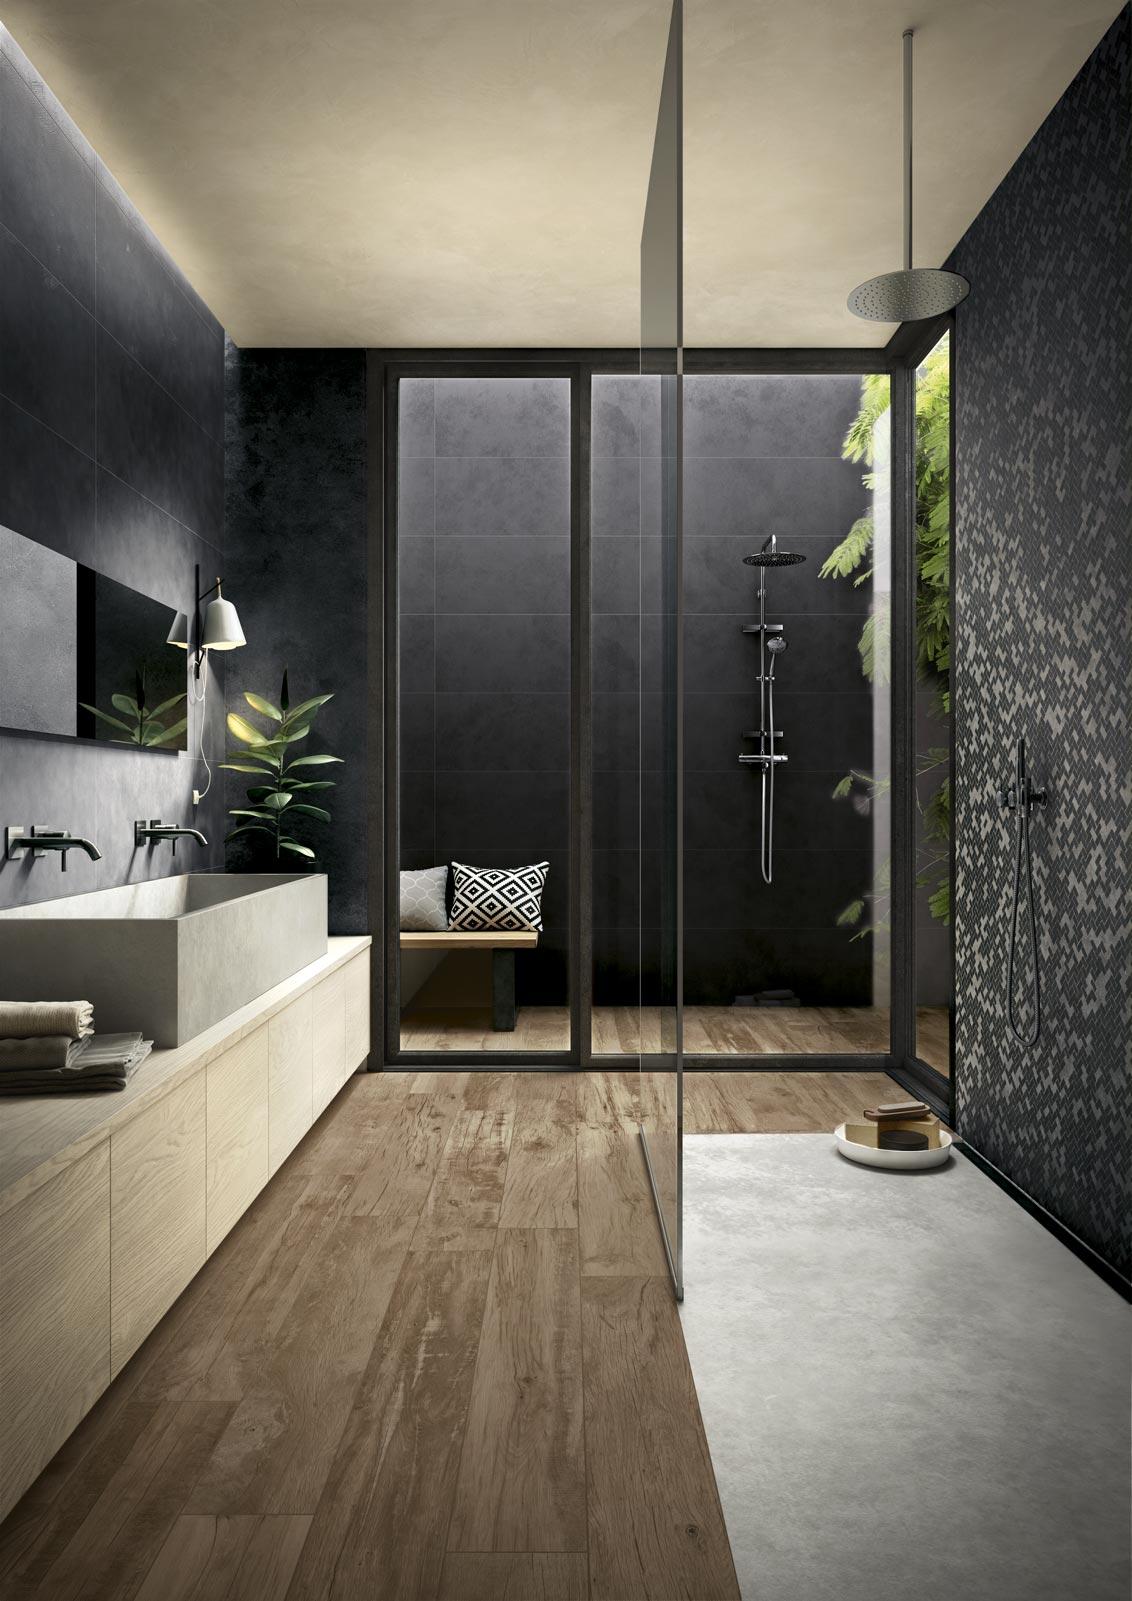 carreaux salle de bains en gr s c rame ragno. Black Bedroom Furniture Sets. Home Design Ideas